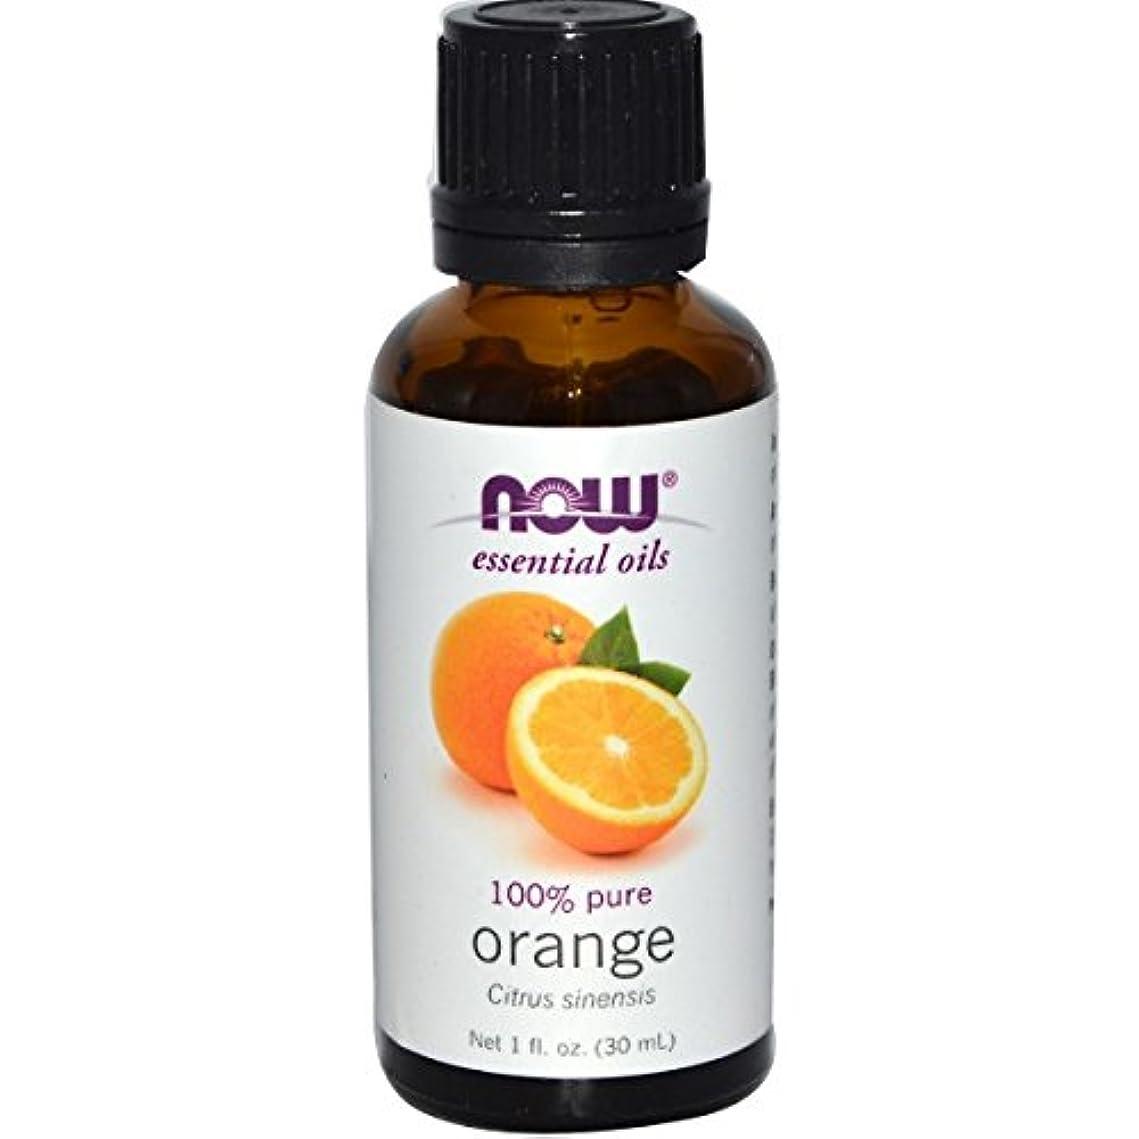 使い込むウェーハ上流のNOWエッセンシャルオイル オレンジ精油 アロマオイル 30ml 【正規輸入品】